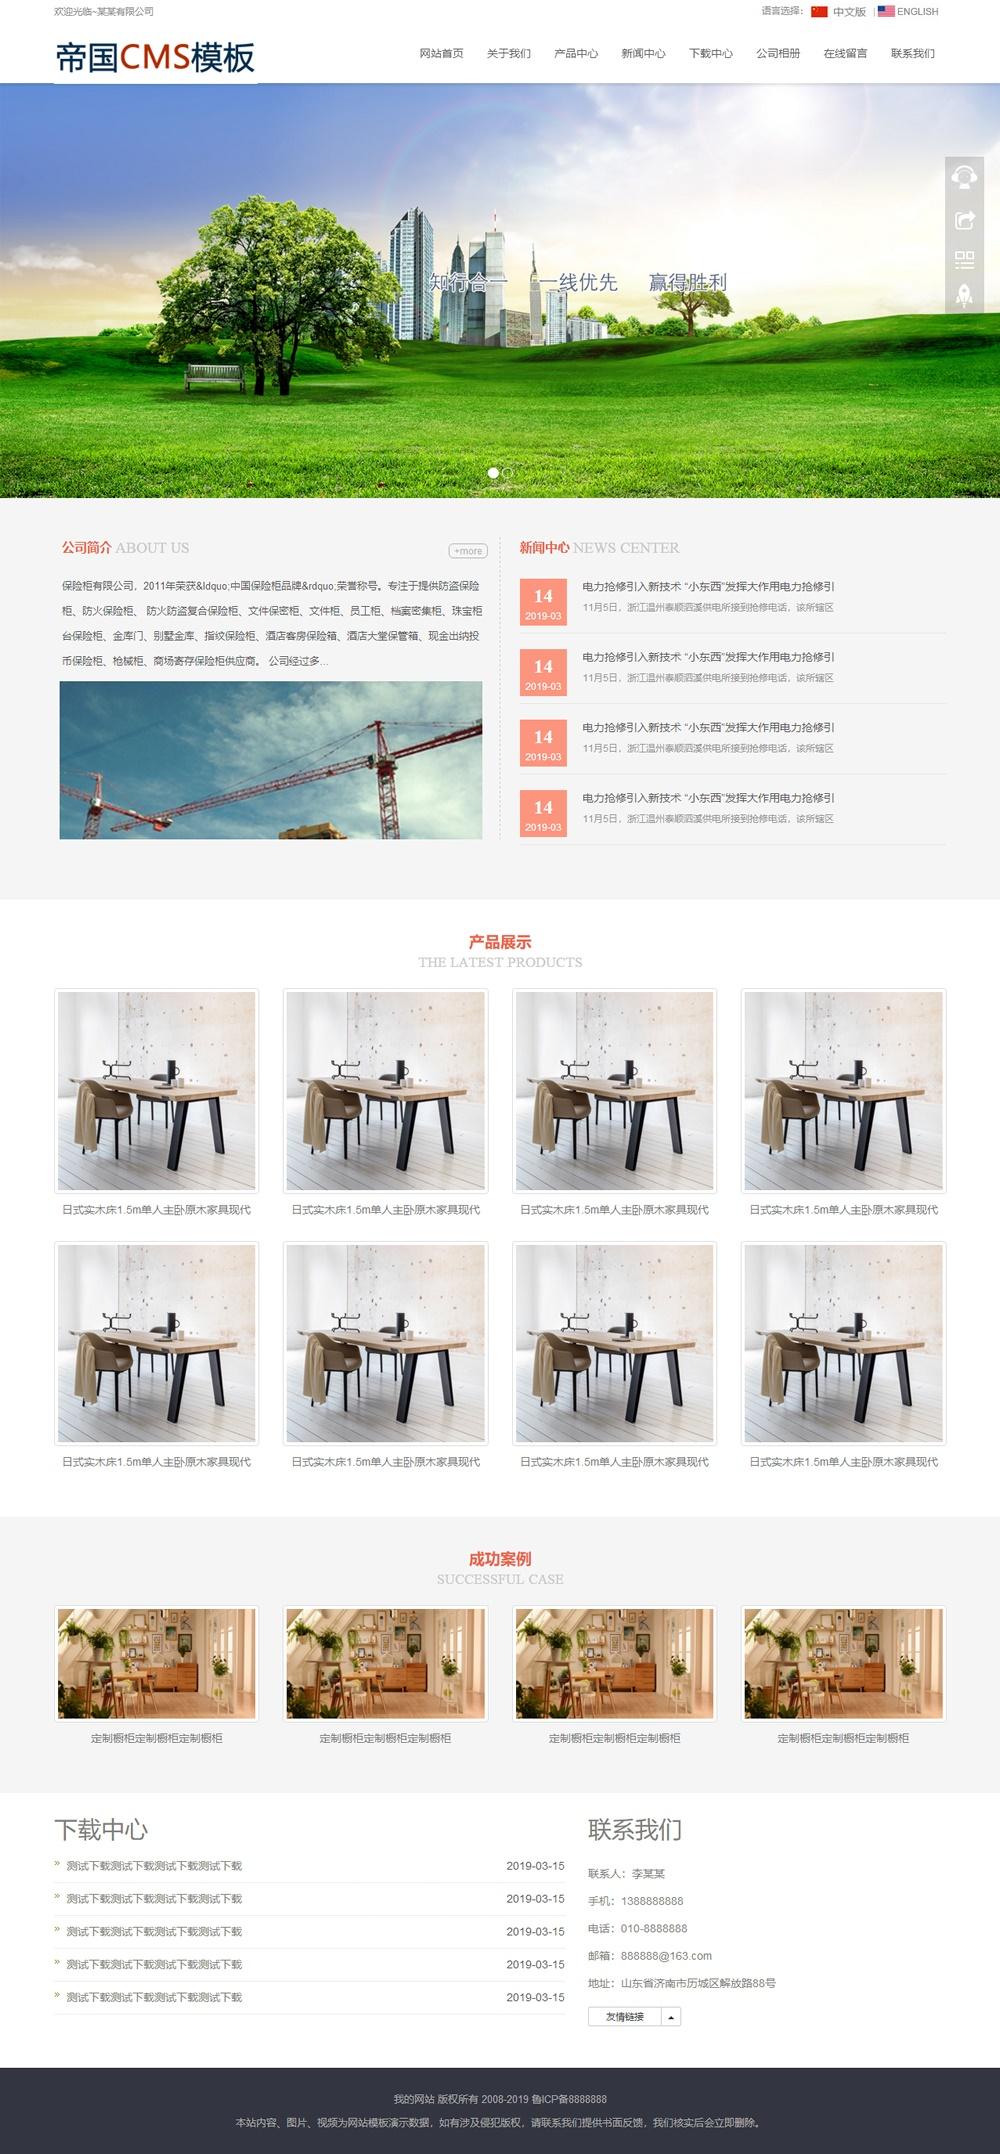 中英文双语自适应帝国cms企业网站模板外贸企业网站源码_首页